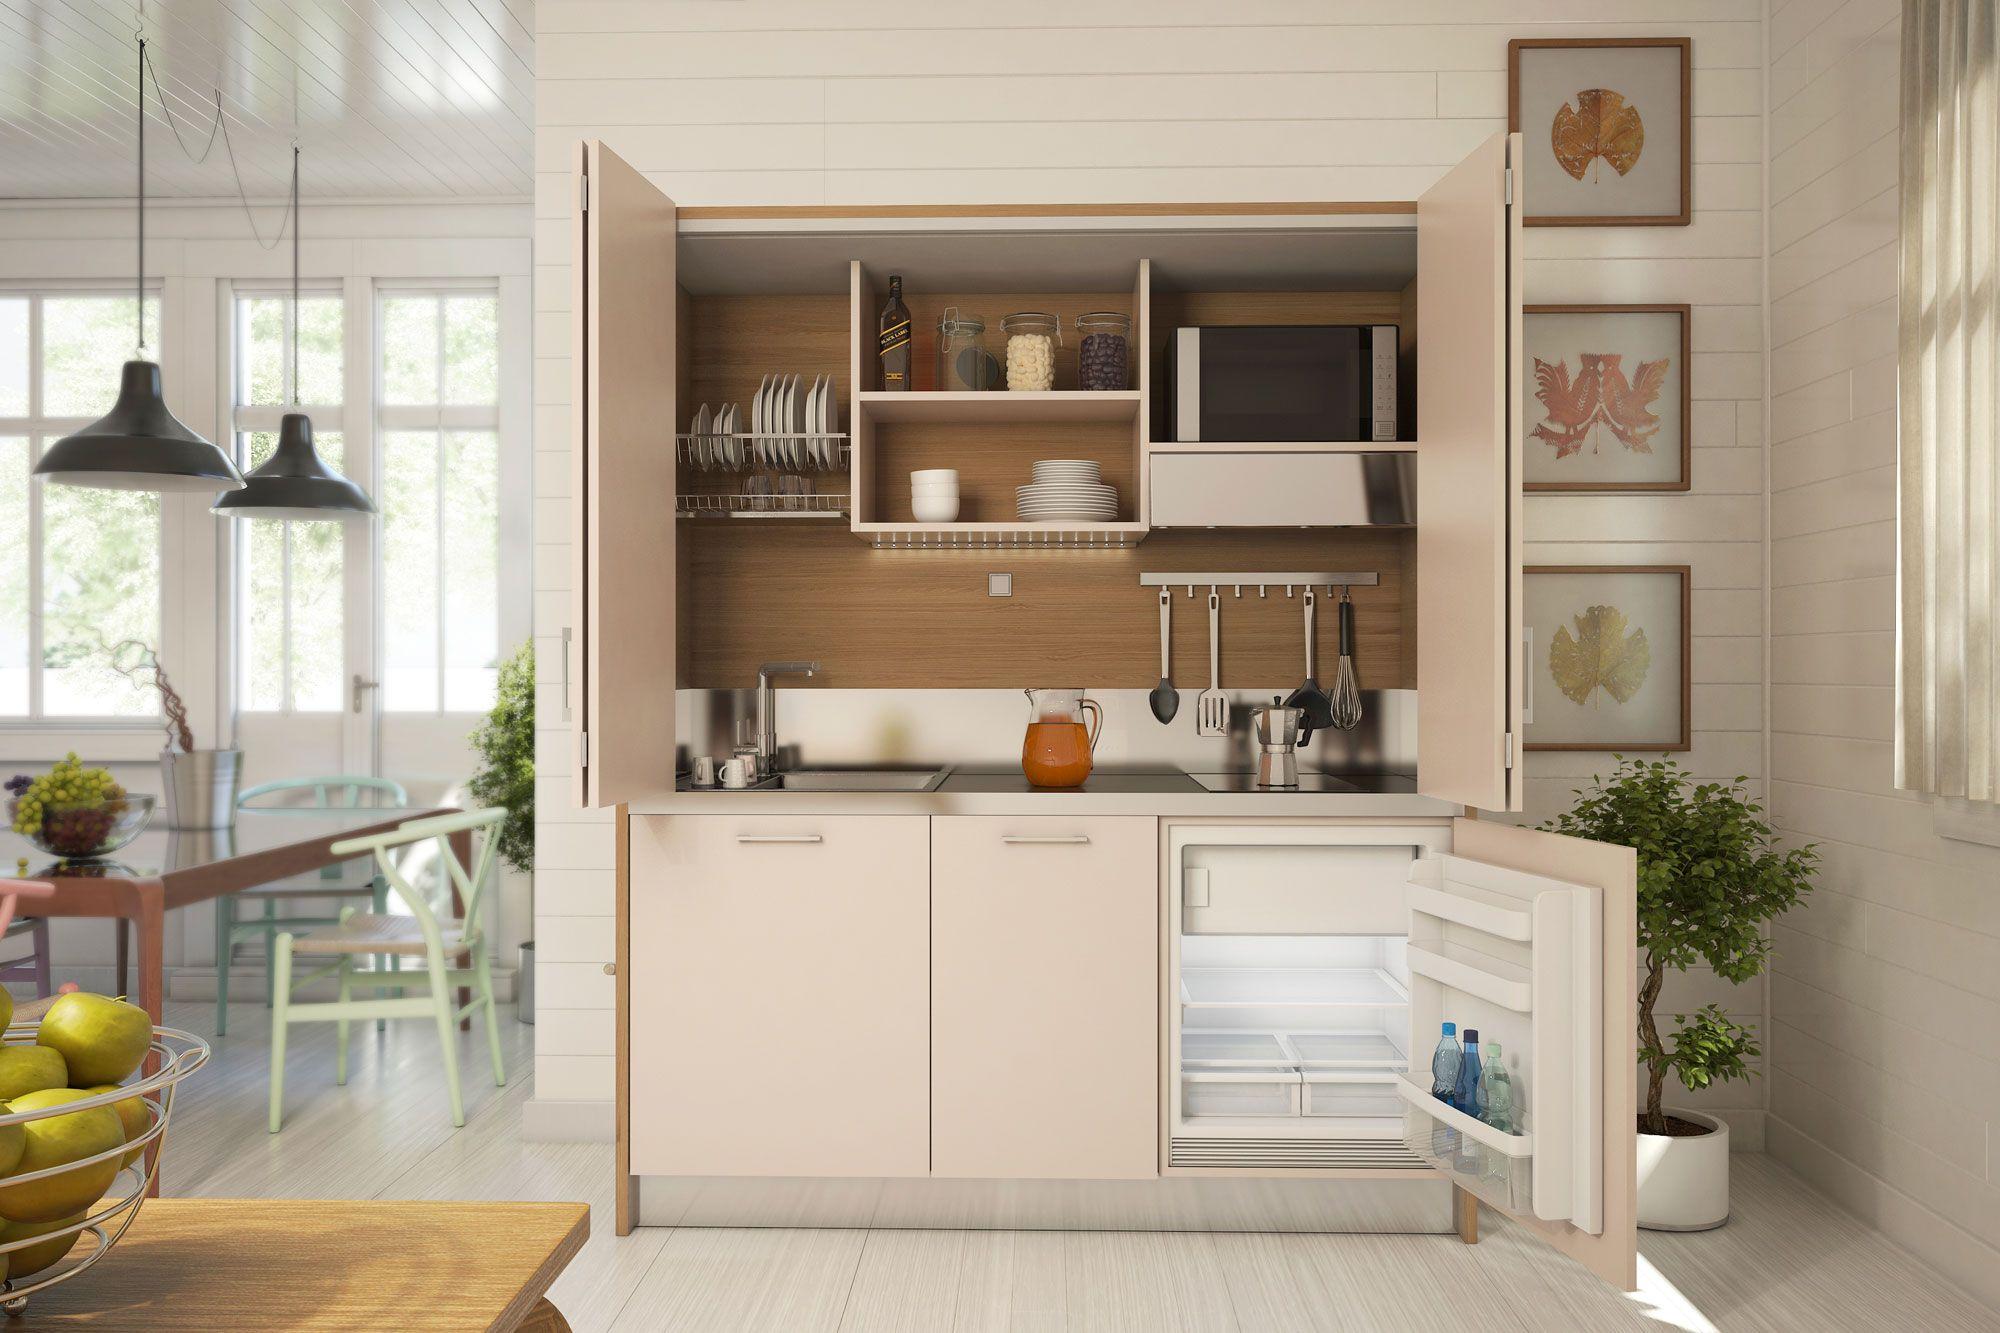 creiamo arredi per piccoli spazi (casa o ufficio): cucine ... - Cucina Piccoli Spazi